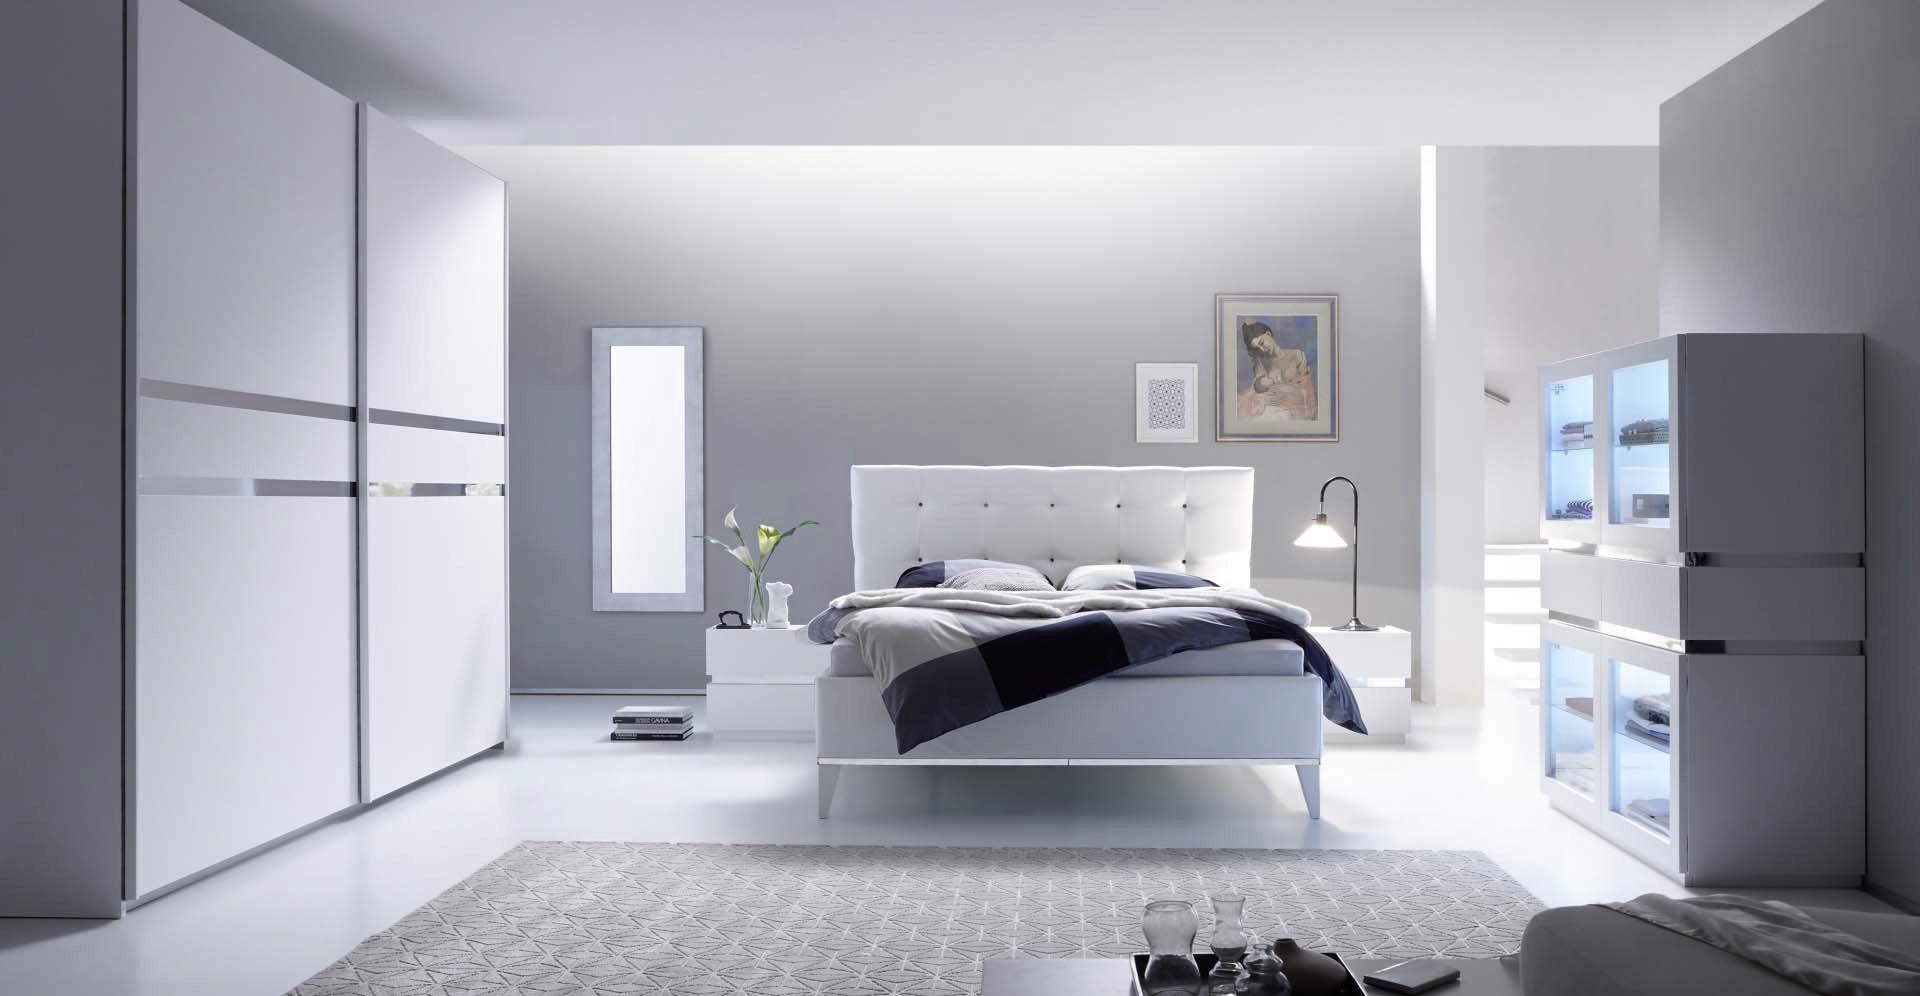 Letto matrimoniale Reno, mobile camera da letto moderno, 180x200